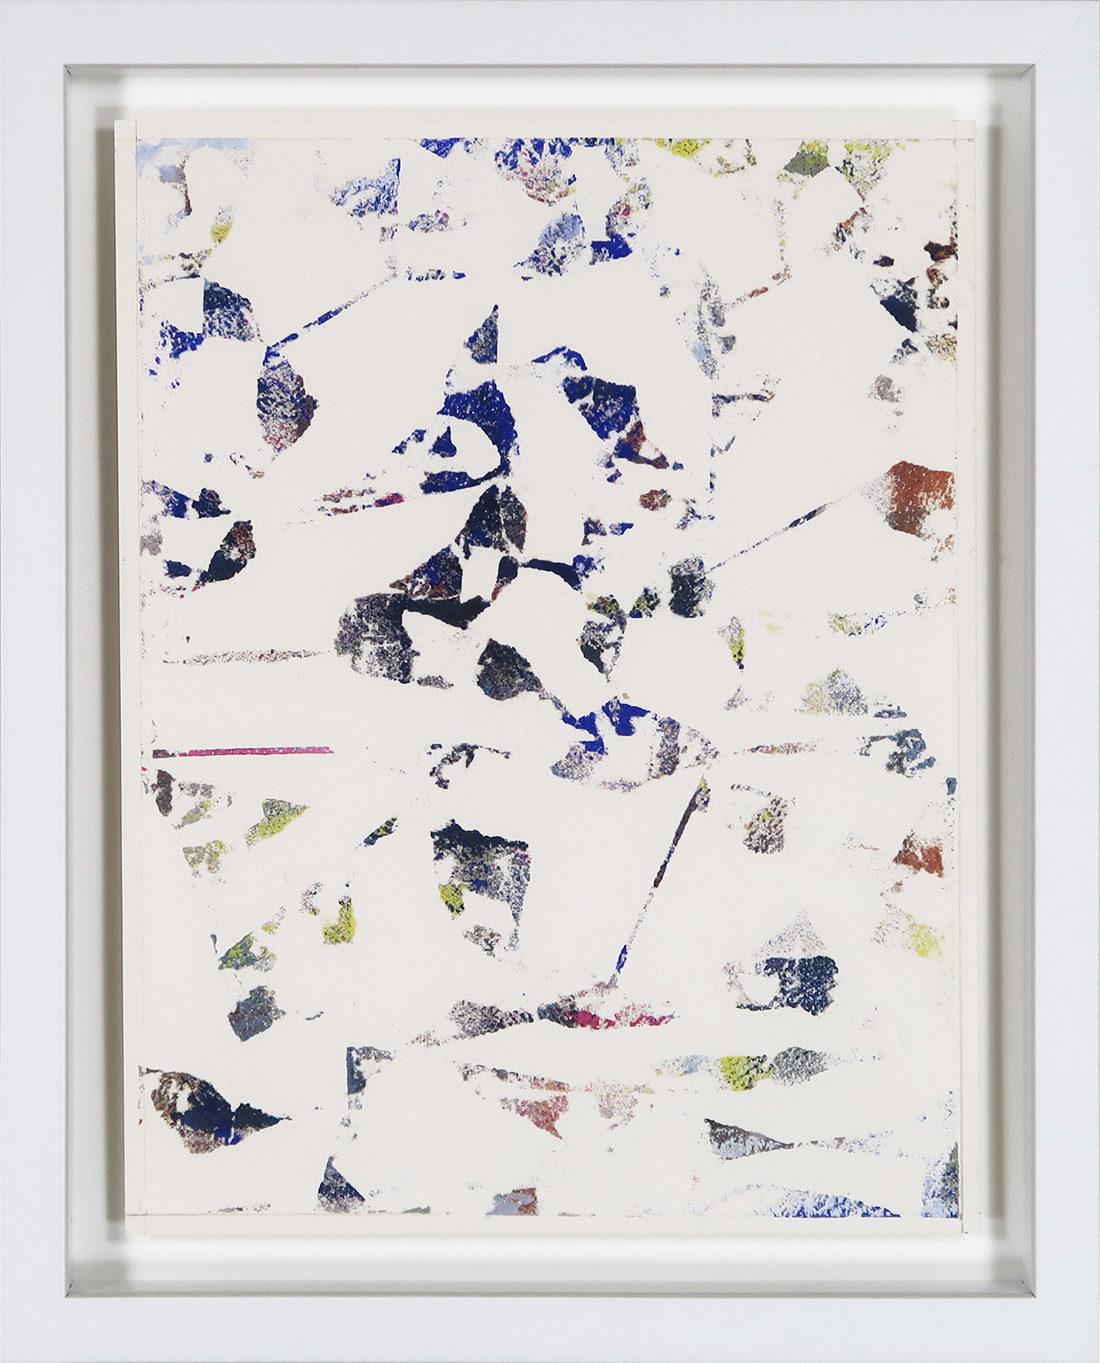 Laurent Karagueuzian - Oeuvre sur papier - Papiers écorchés no 208